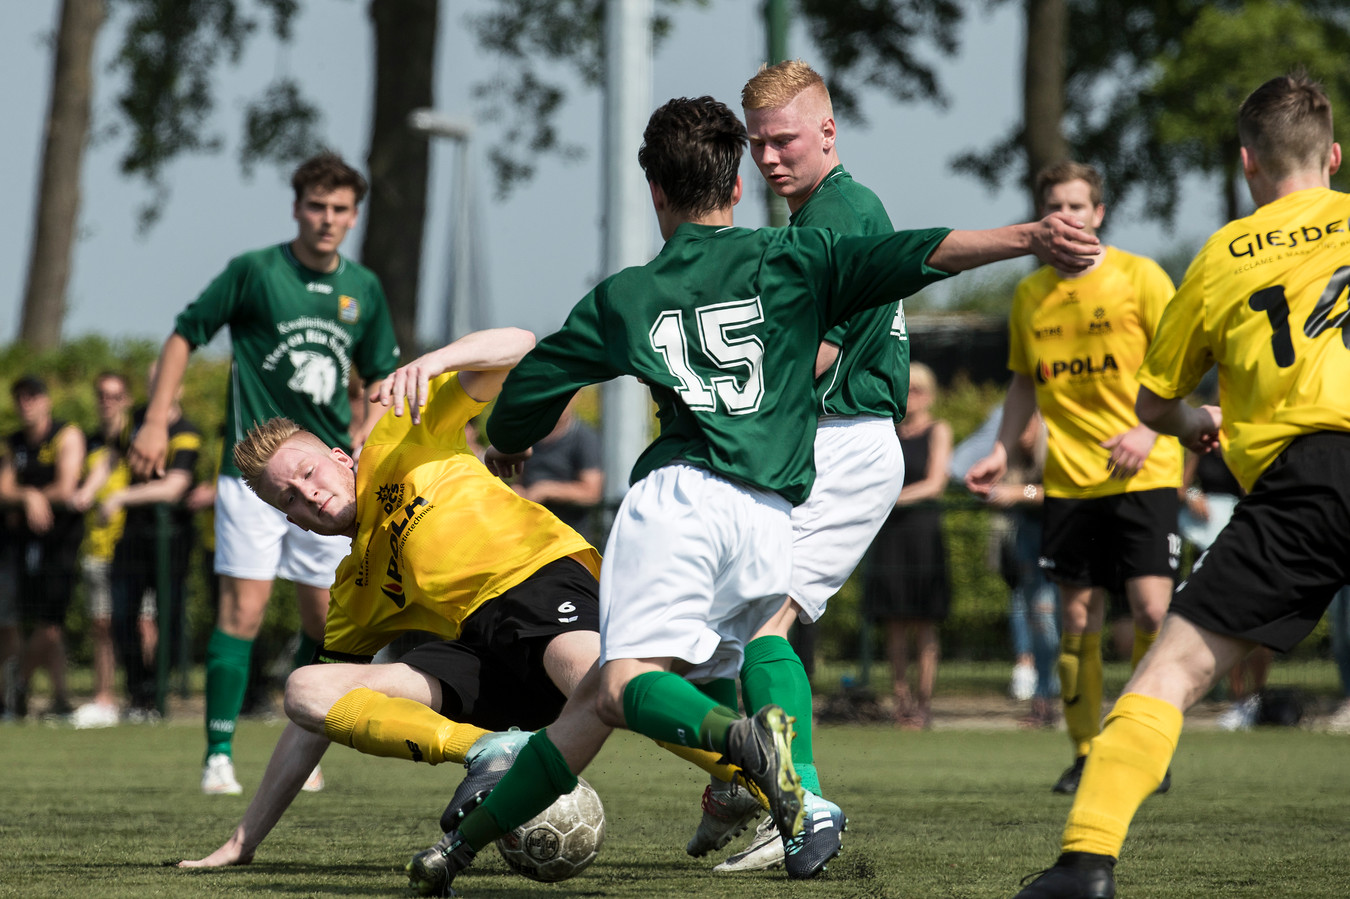 Groessen speelt zondag de finale tegen Babberich op sportpark De Buitenboom.